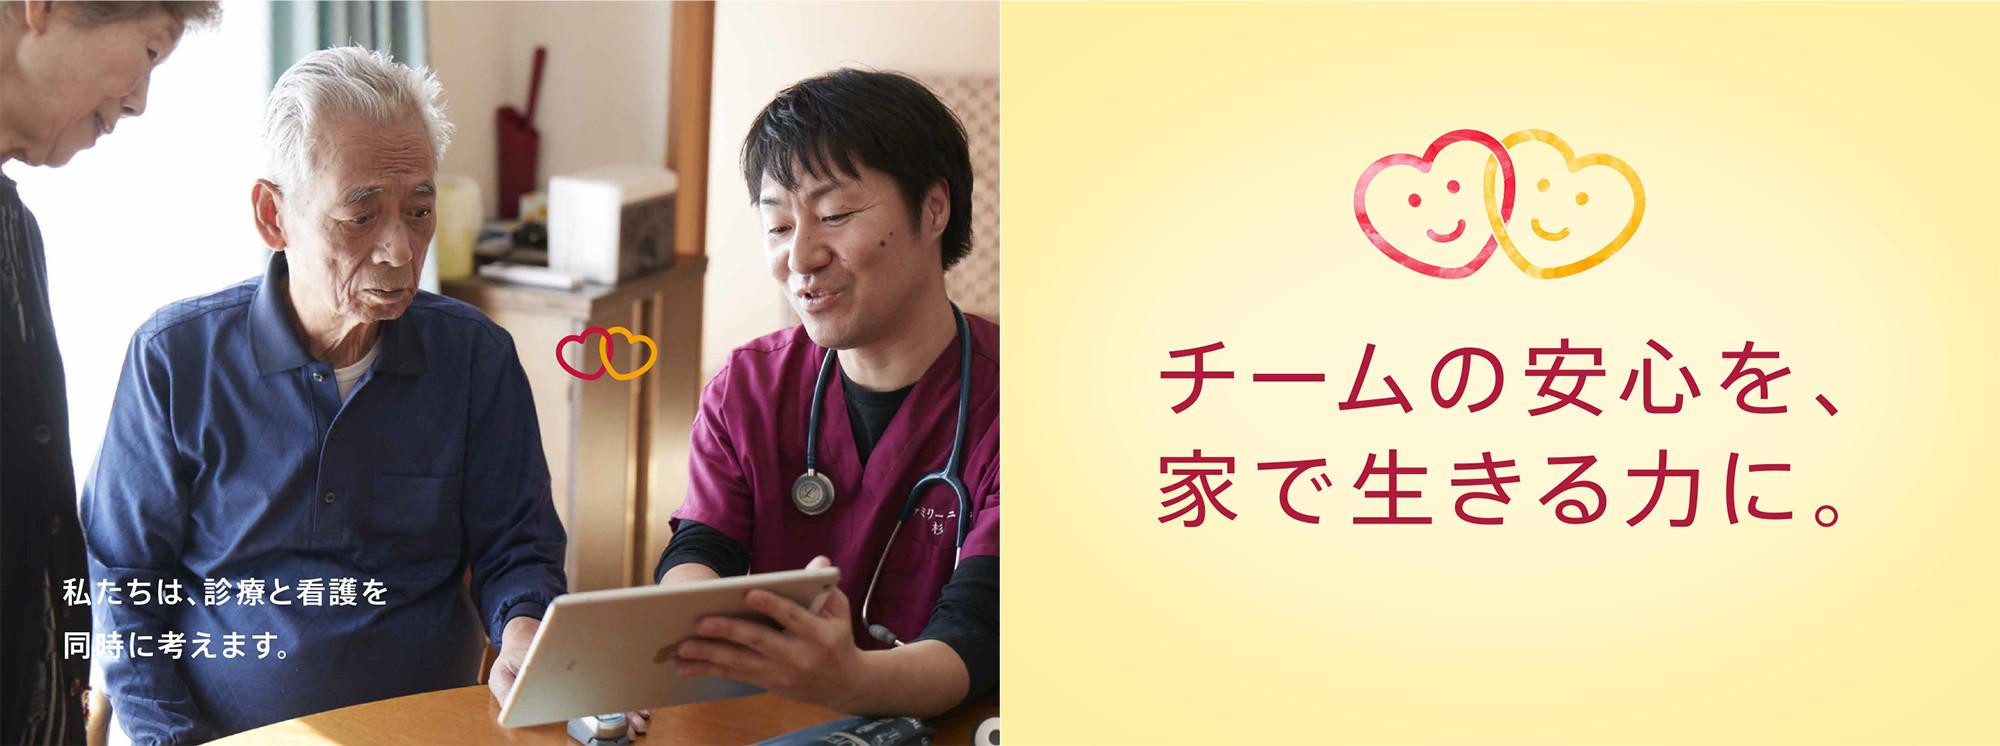 チームの安心を、家で生きる力に。私たちは、診療と看護を同時に考えます。